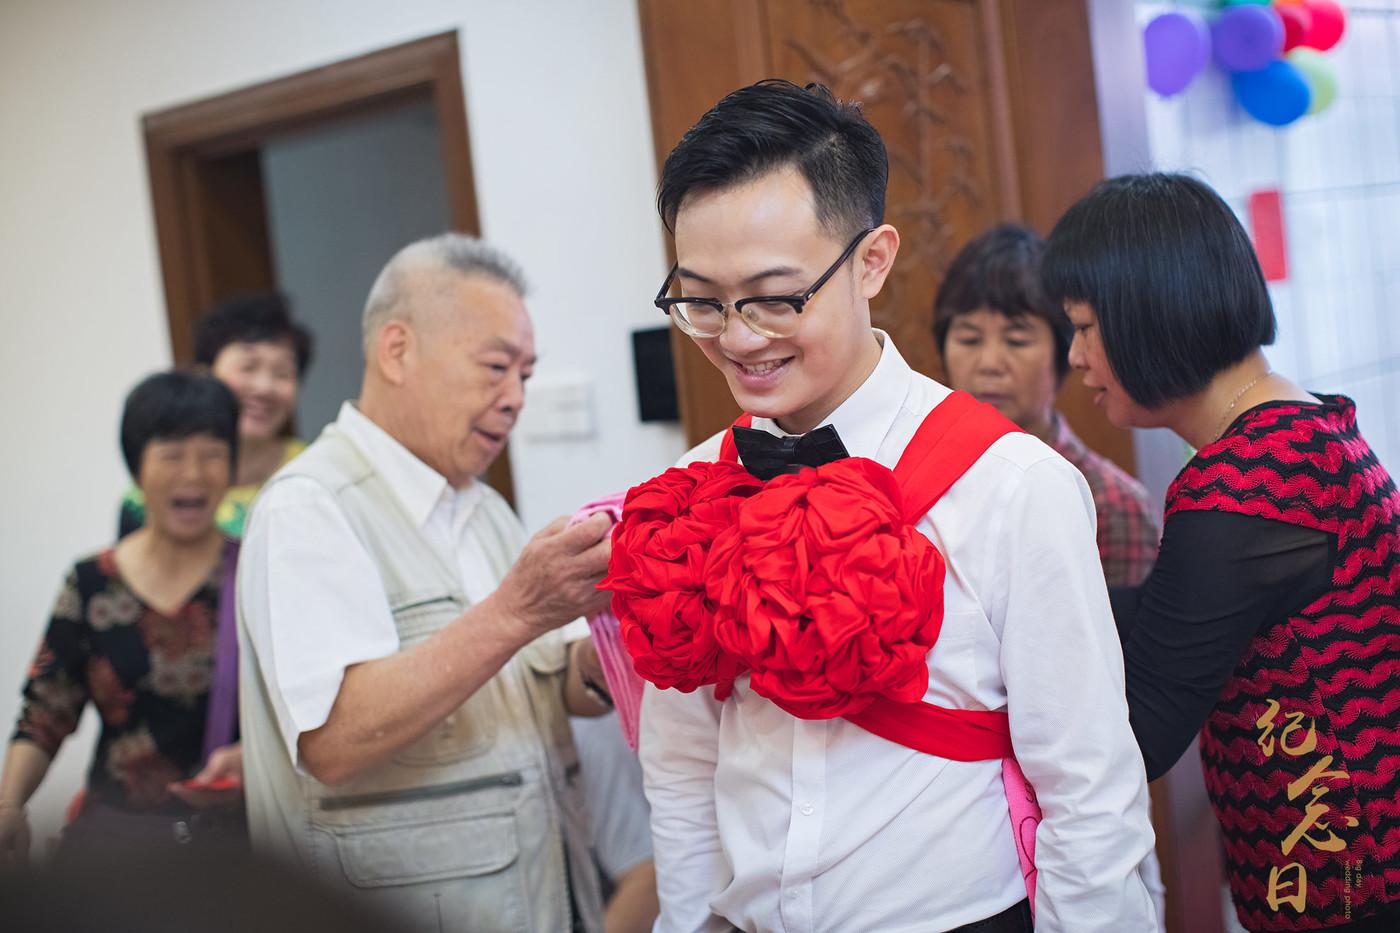 婚礼跟拍 | 小榄婚礼20